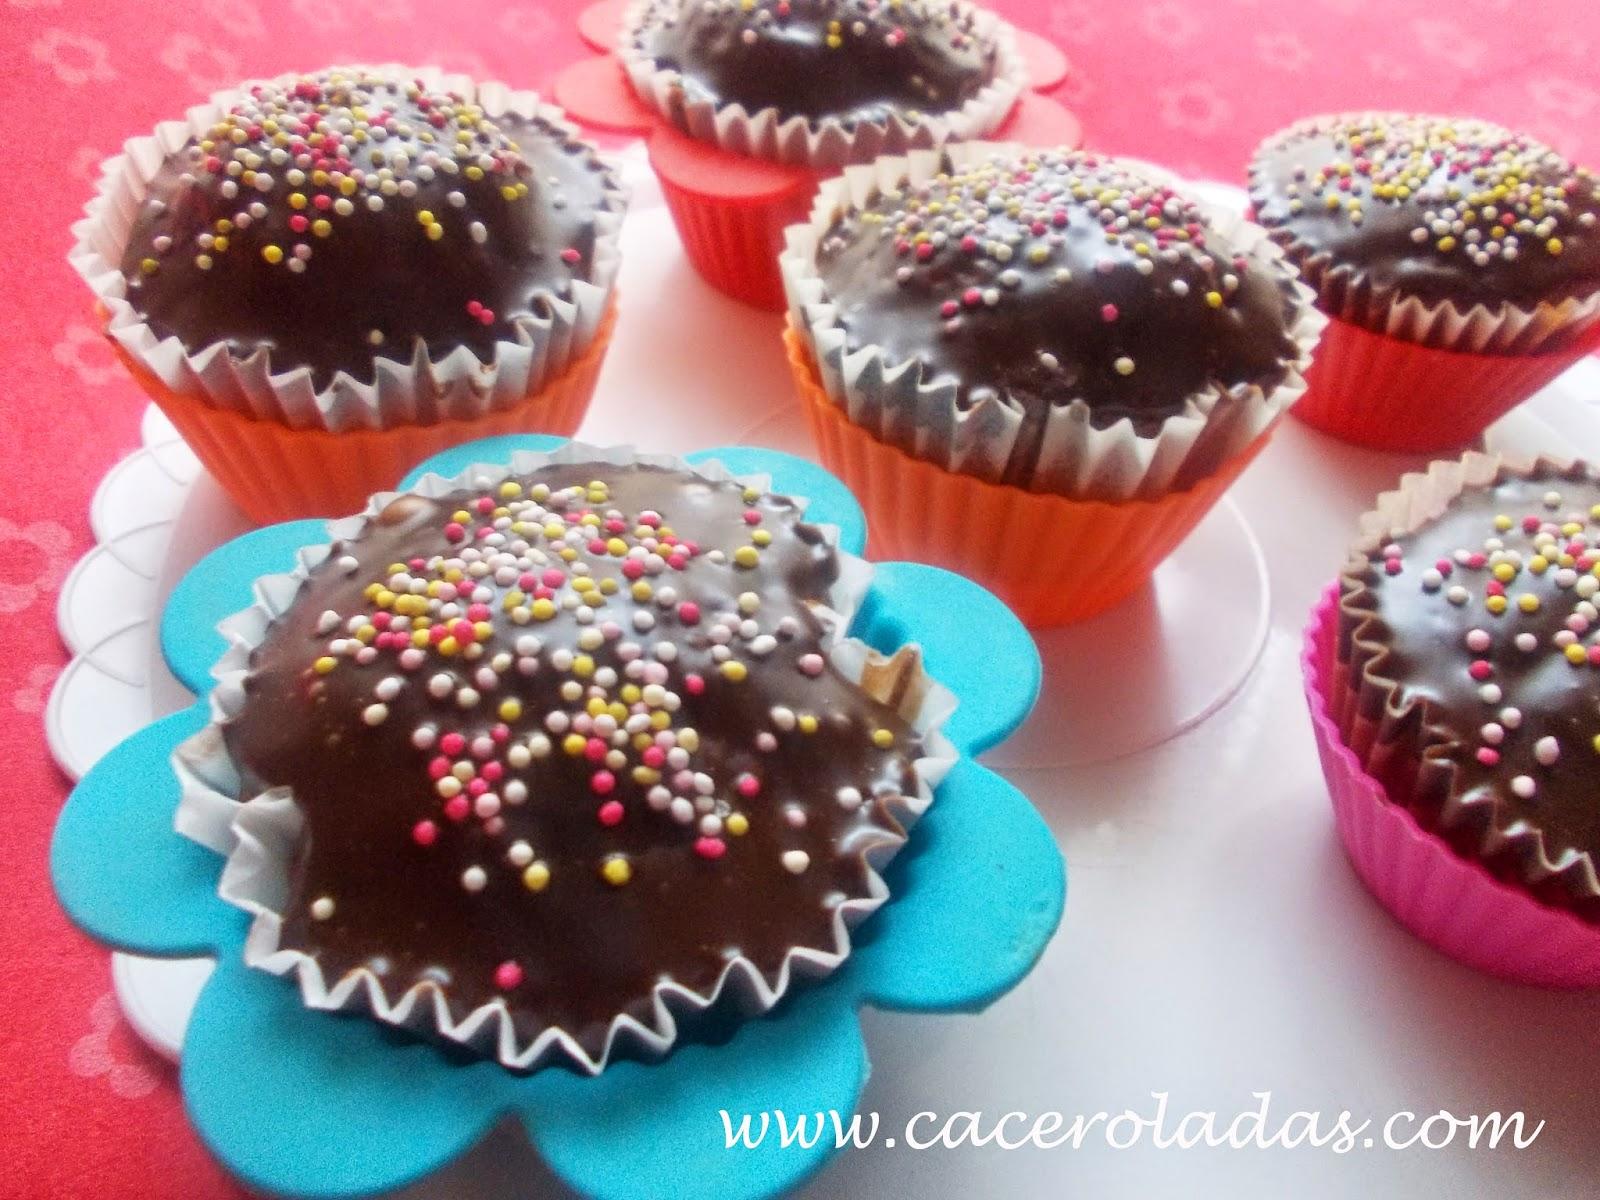 Cupcake de chocolate y nueces con cobertura de chocolate sabor naranja